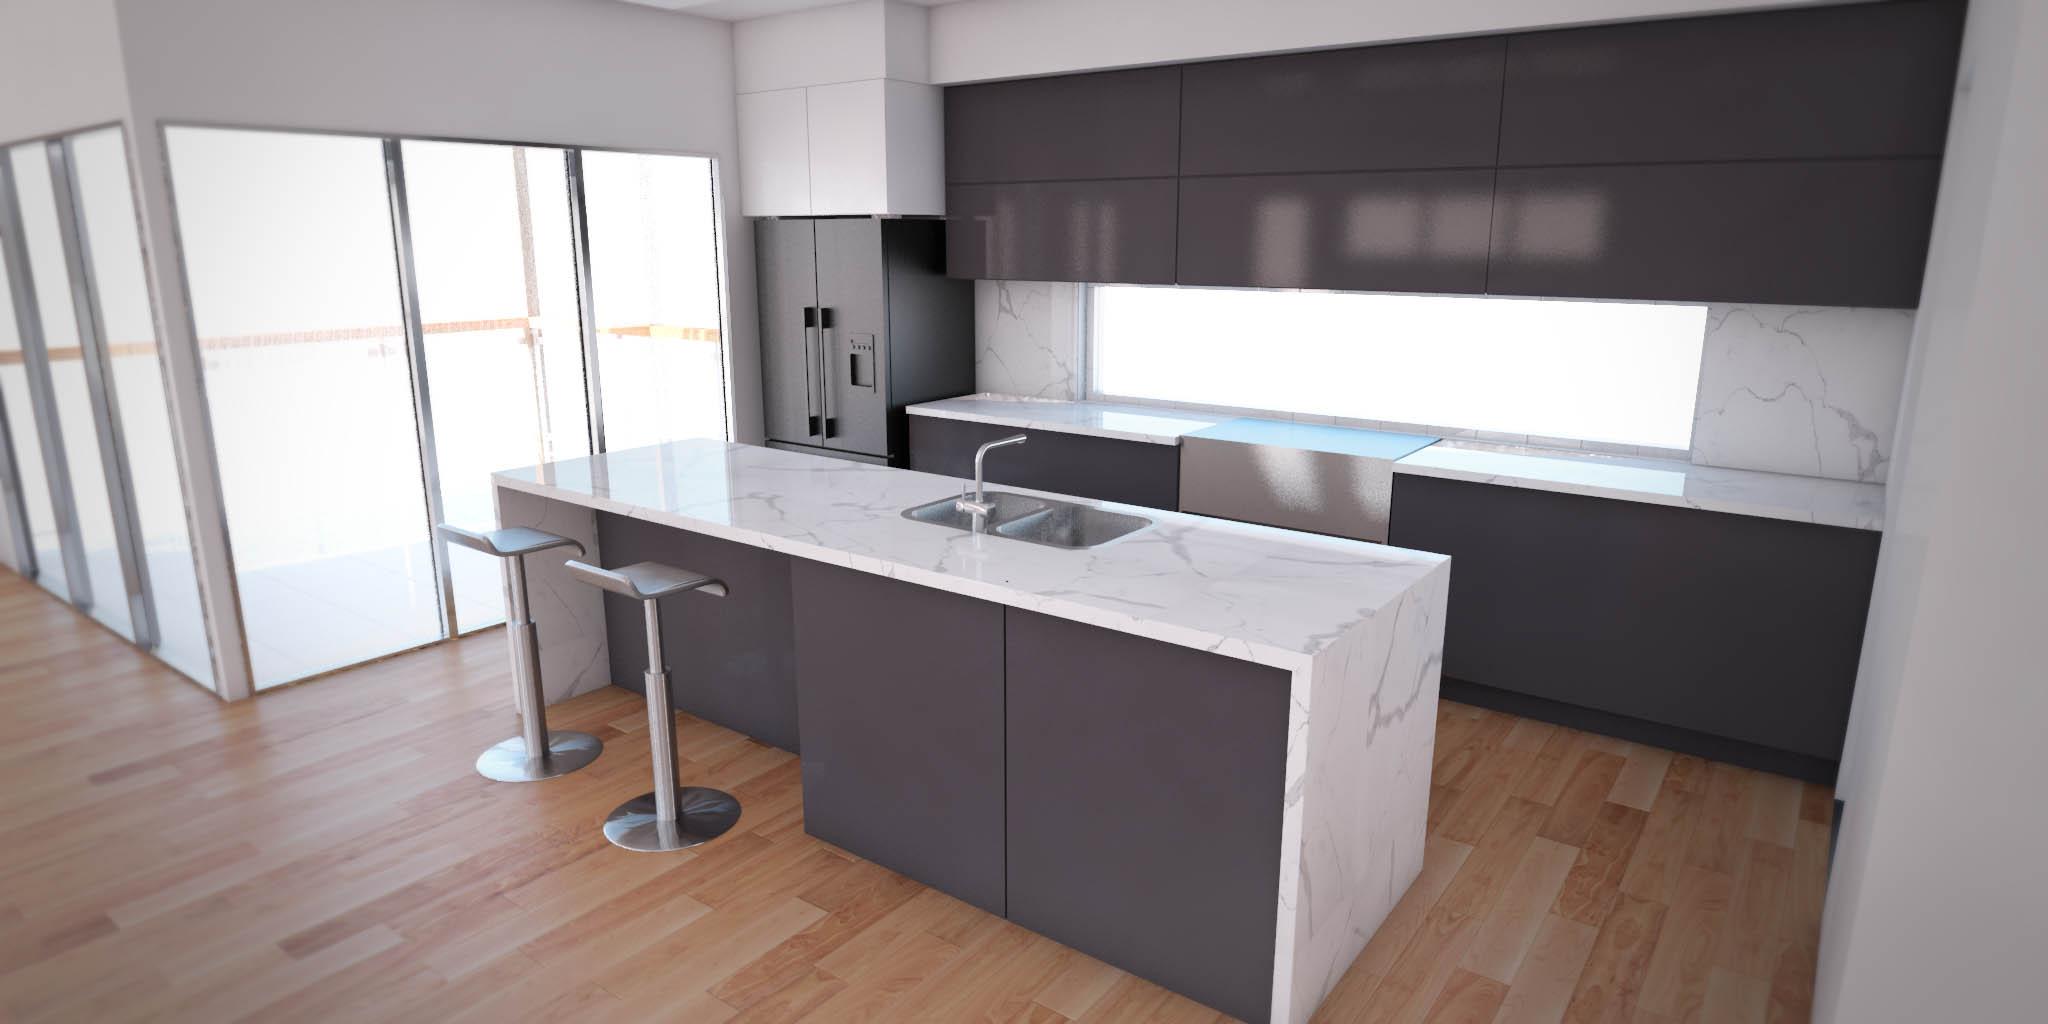 kitchen2_final